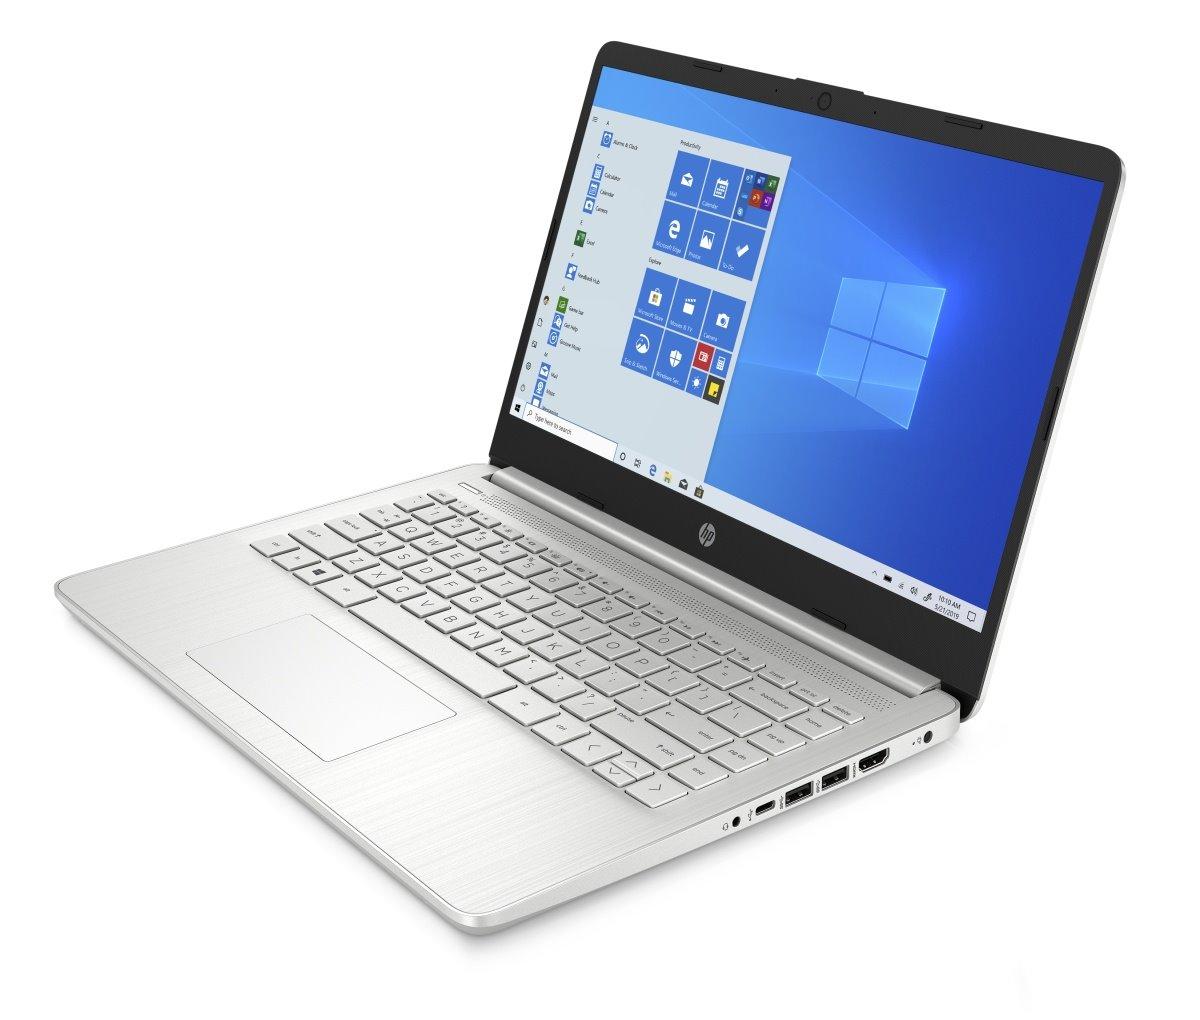 HP 14s-dq1002nc, i5-1035G1, 14.0 FHD, Intel UHD, 8GB, SSD 256GB, noODD, W10, Natural silver